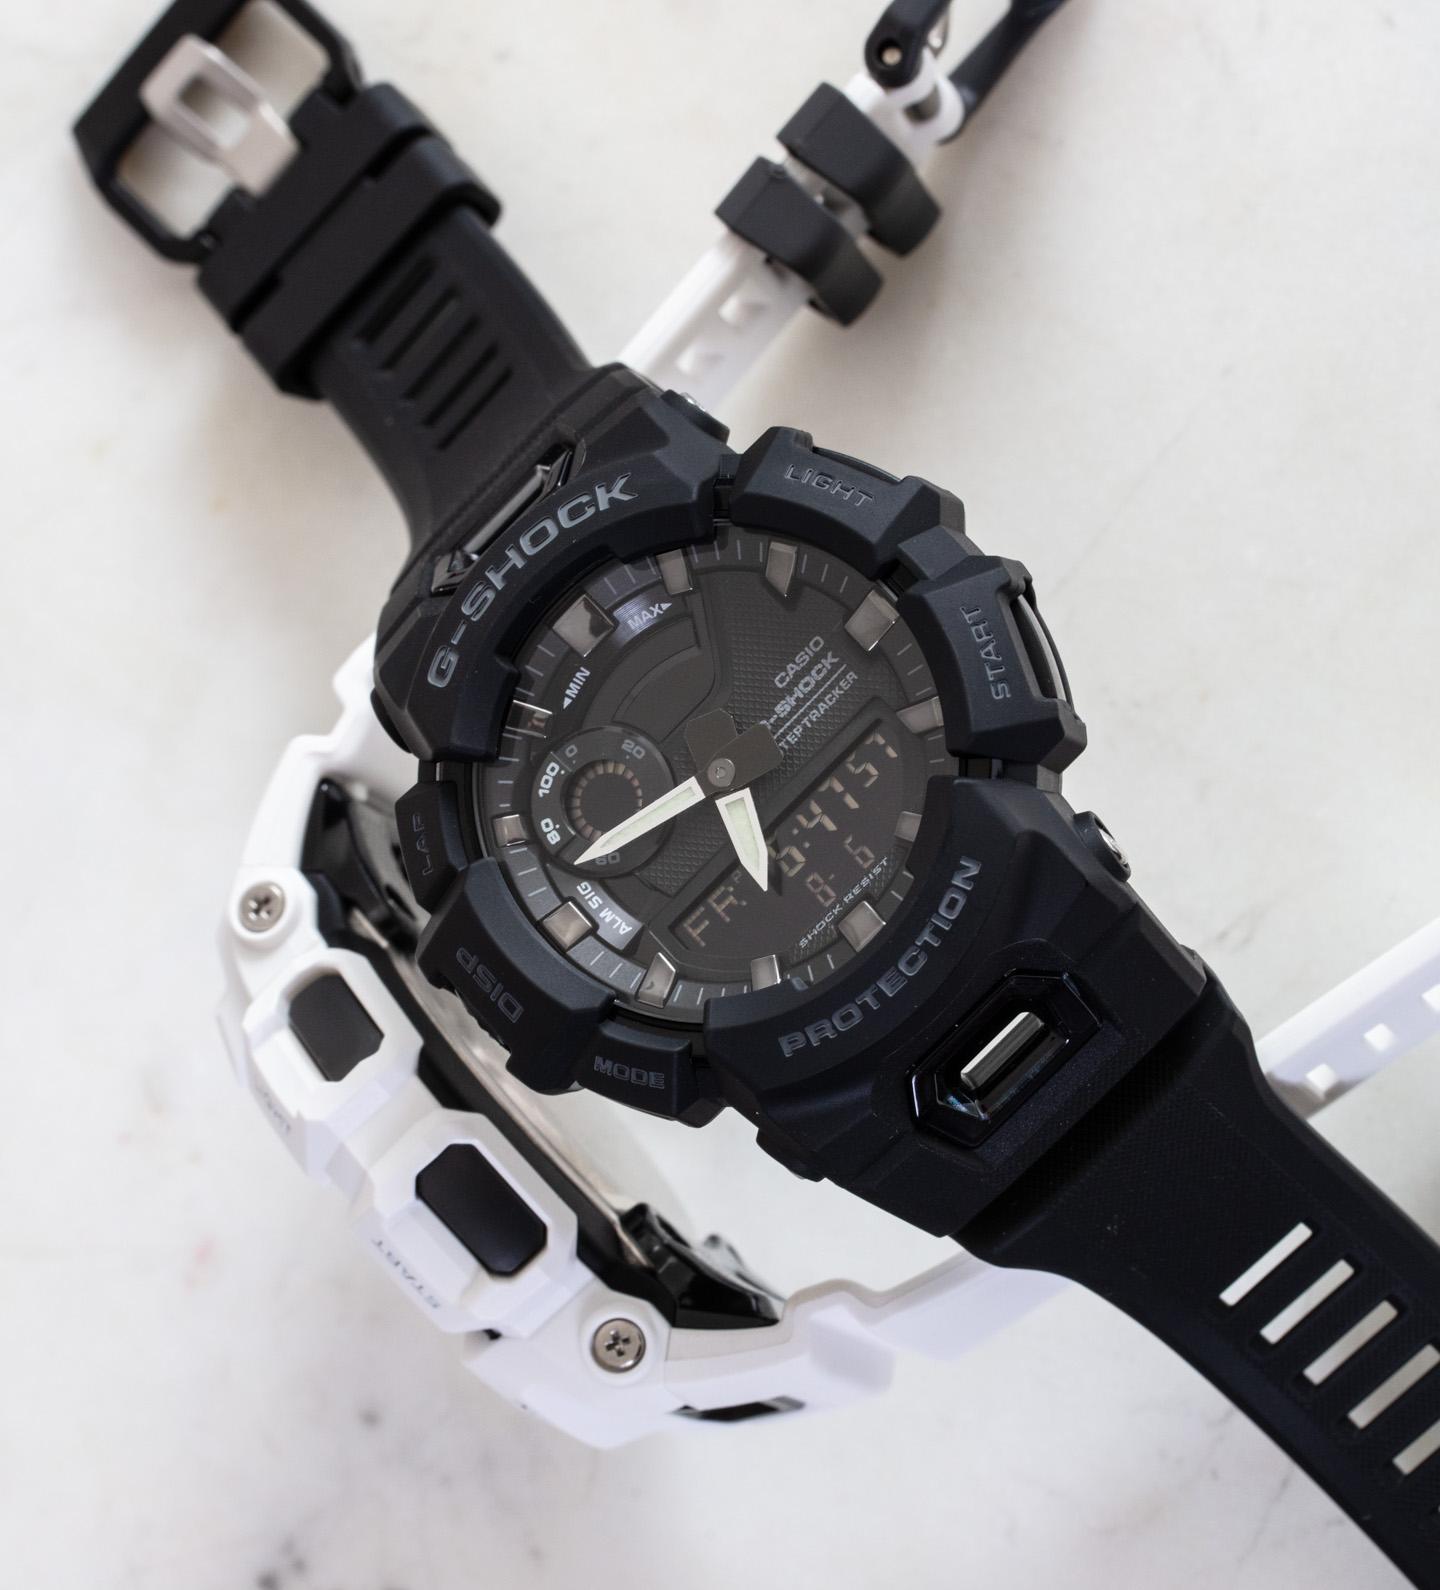 Наручные часы для спорта: Casio G-Shock POWER TRAINER GBA900